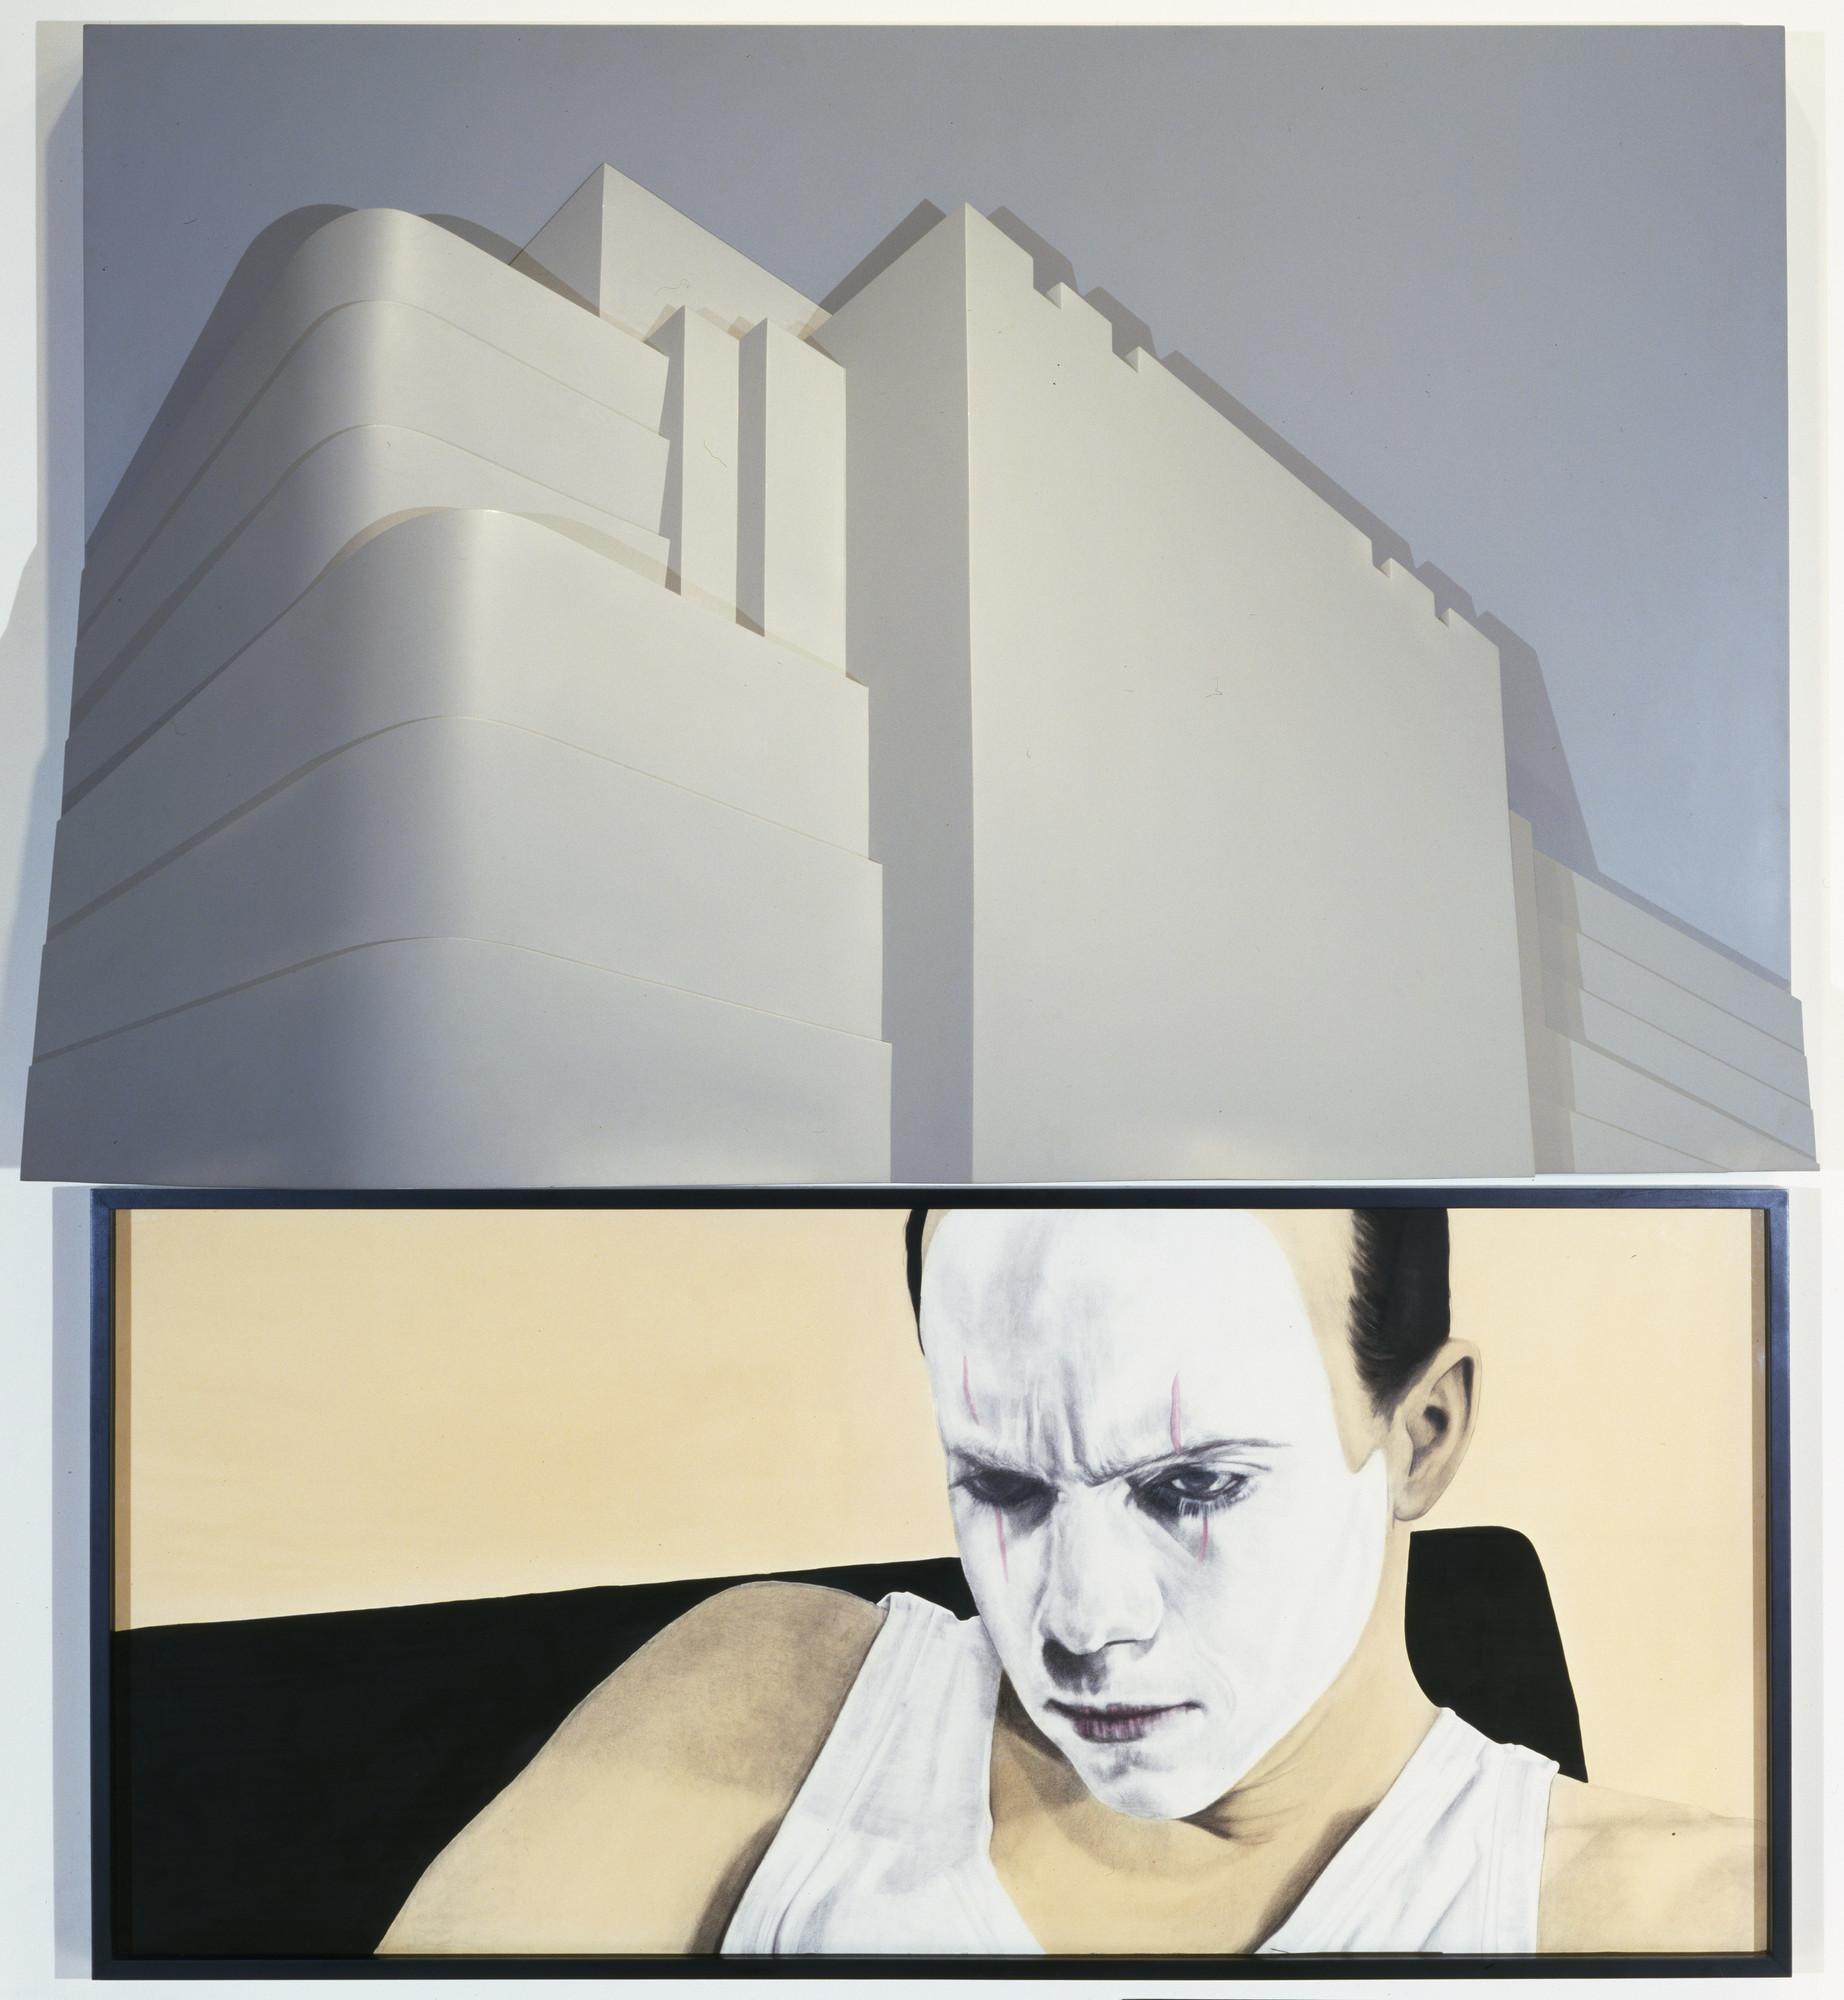 Robert Longo. Pressure. 1982-83 | MoMA